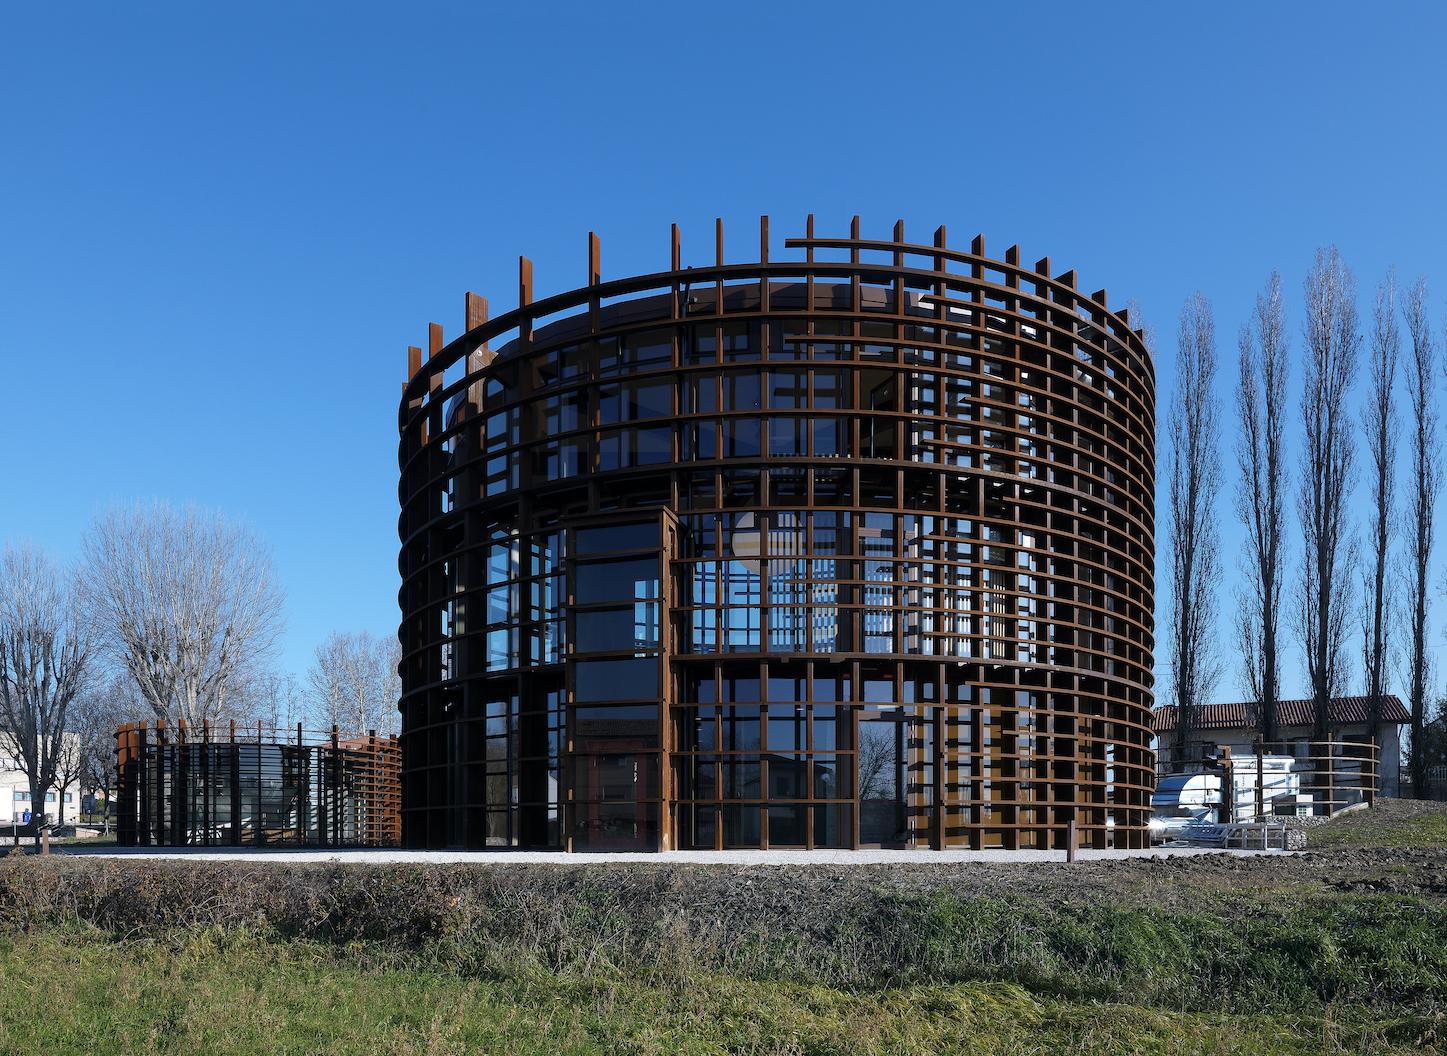 Mario Cucinella Architects, Centro Polifunzionale di Arte e Cultura, Bondeno, 2017, Photo By Daniele Domenicali